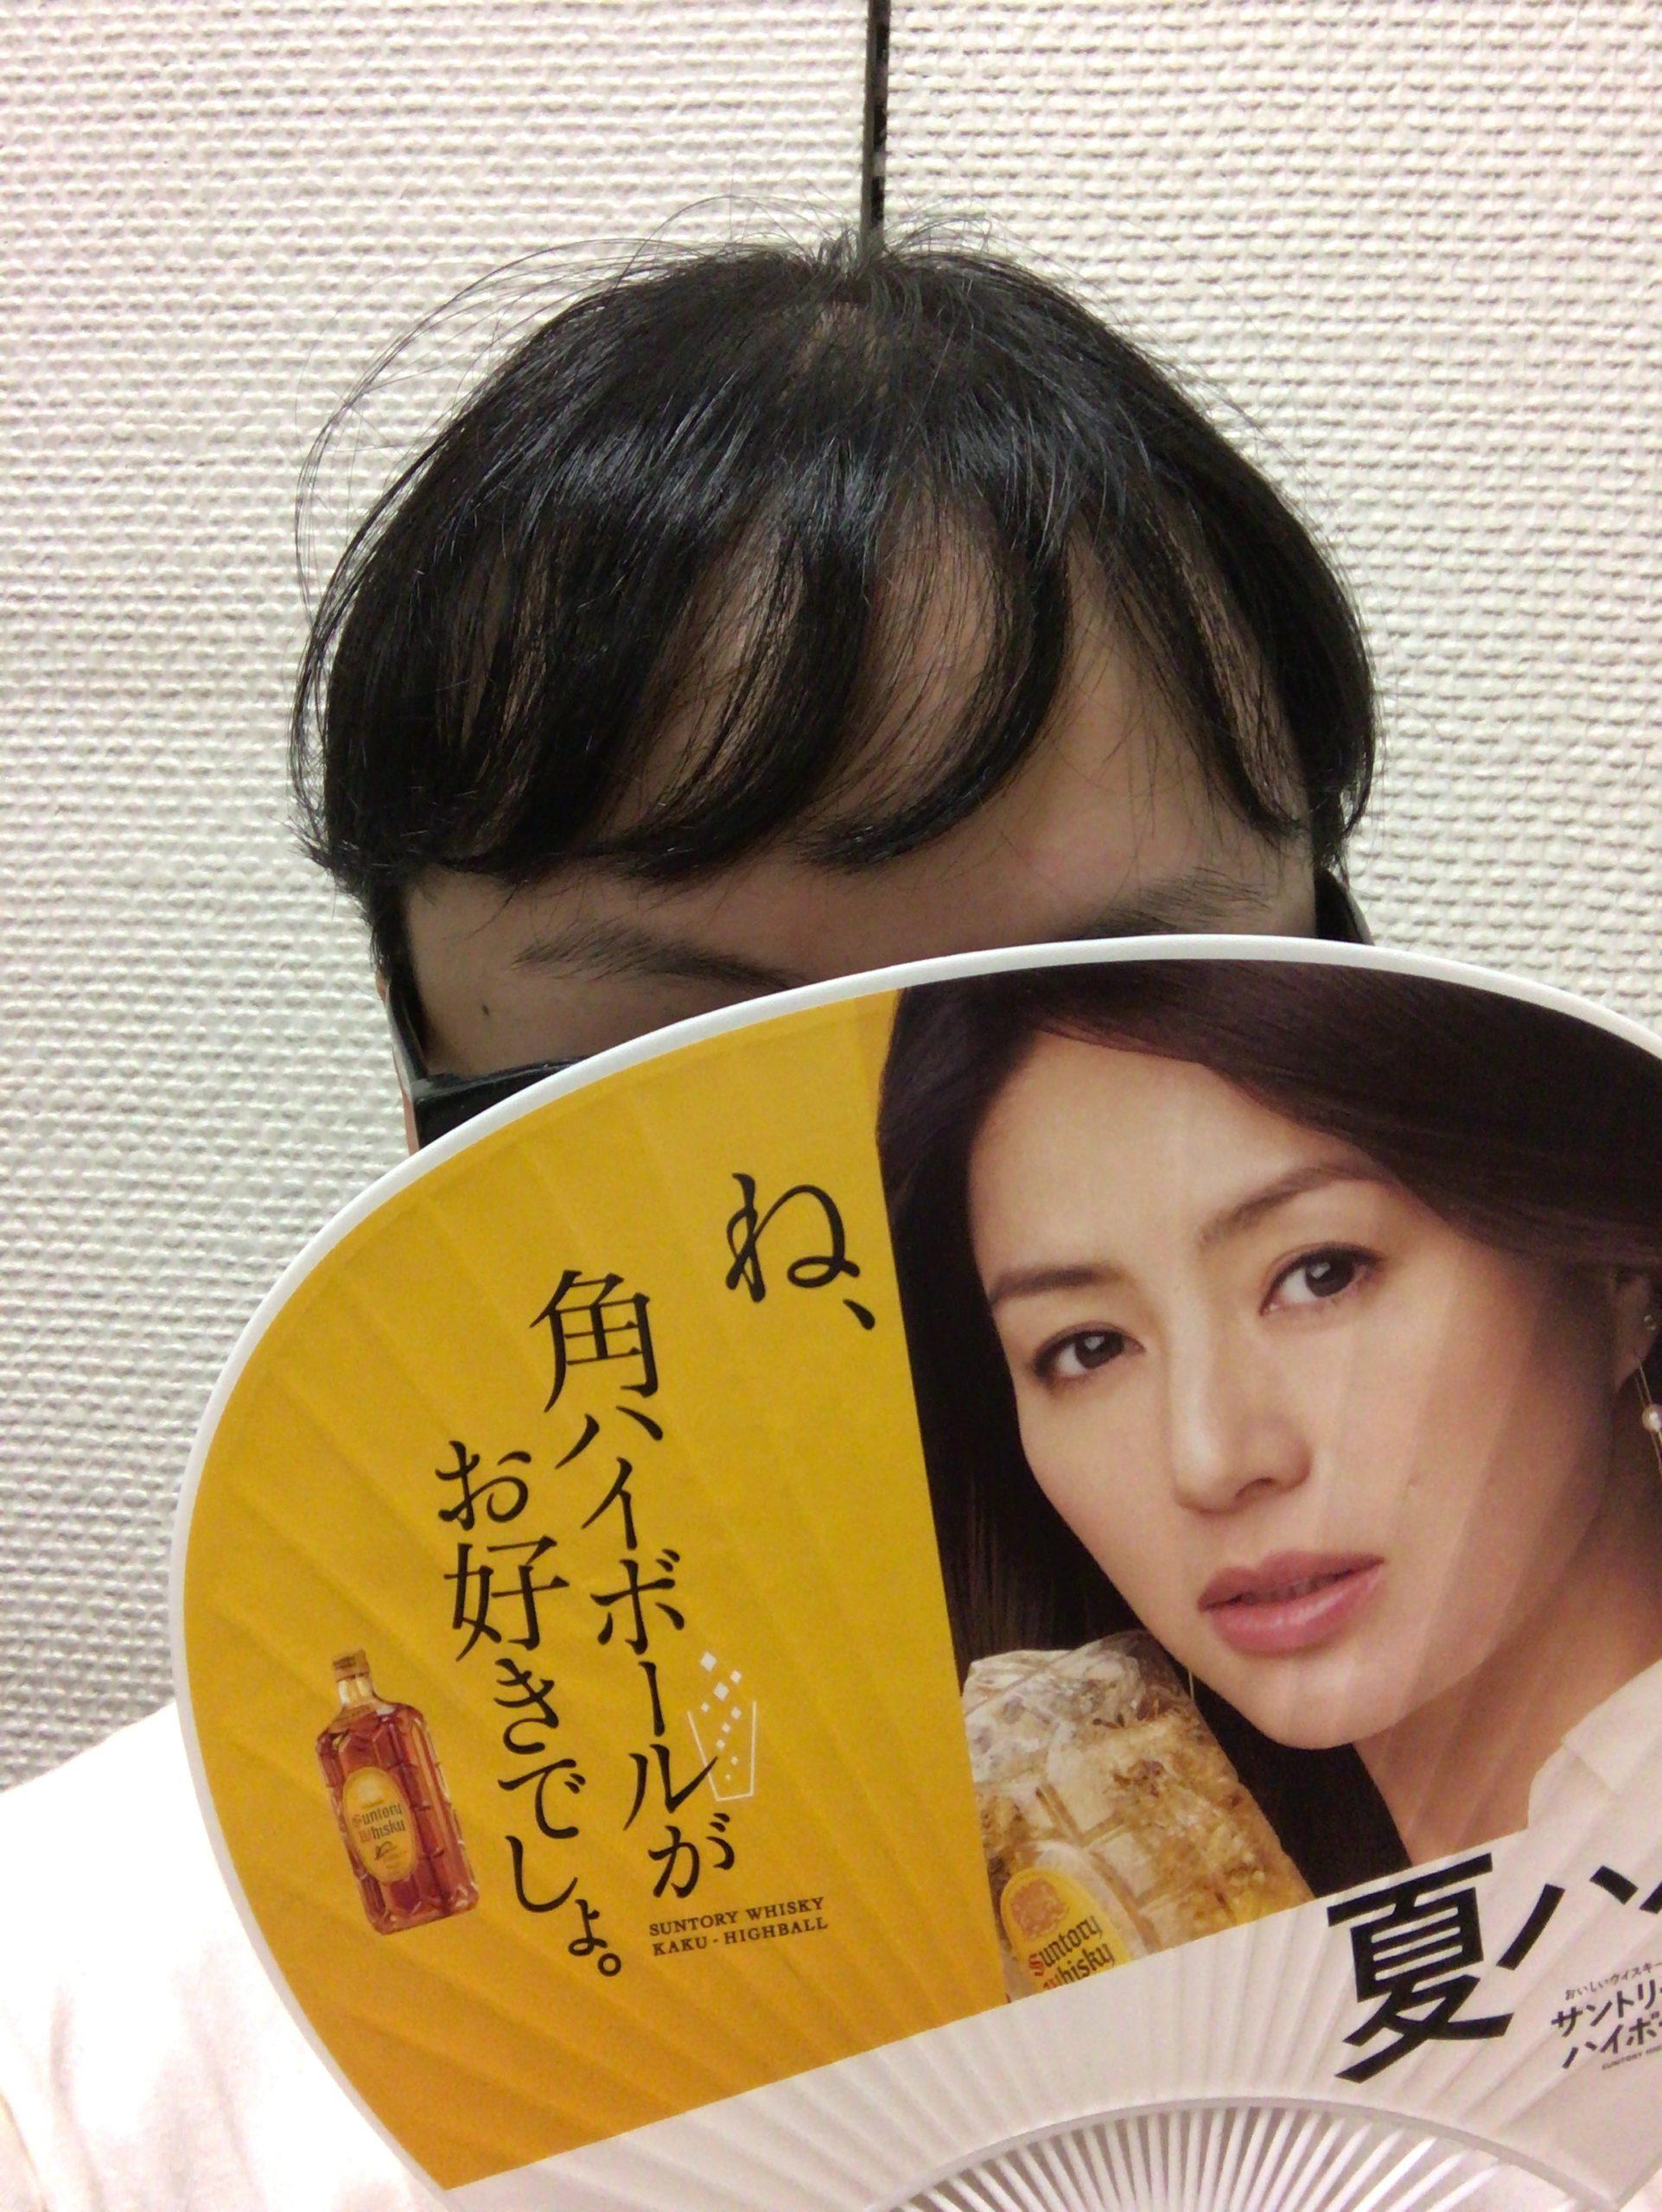 ワイ「1000円カットに行ったらまるでハゲみたいな髪型にされた!ありえない!!!」